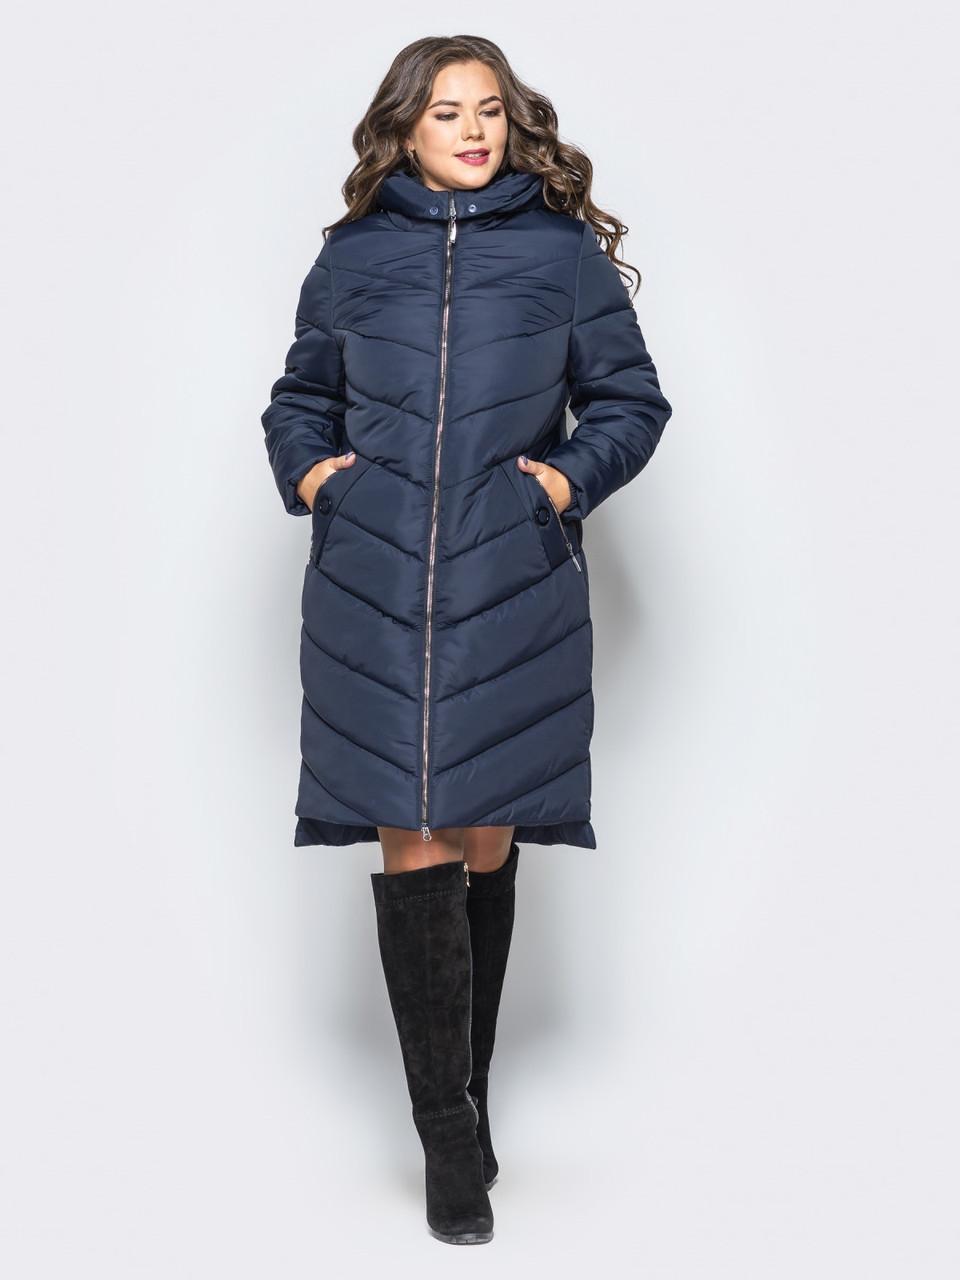 5d04ea7fbfd Куртка зимняя женская - Остров модной одежды в Винницкой области